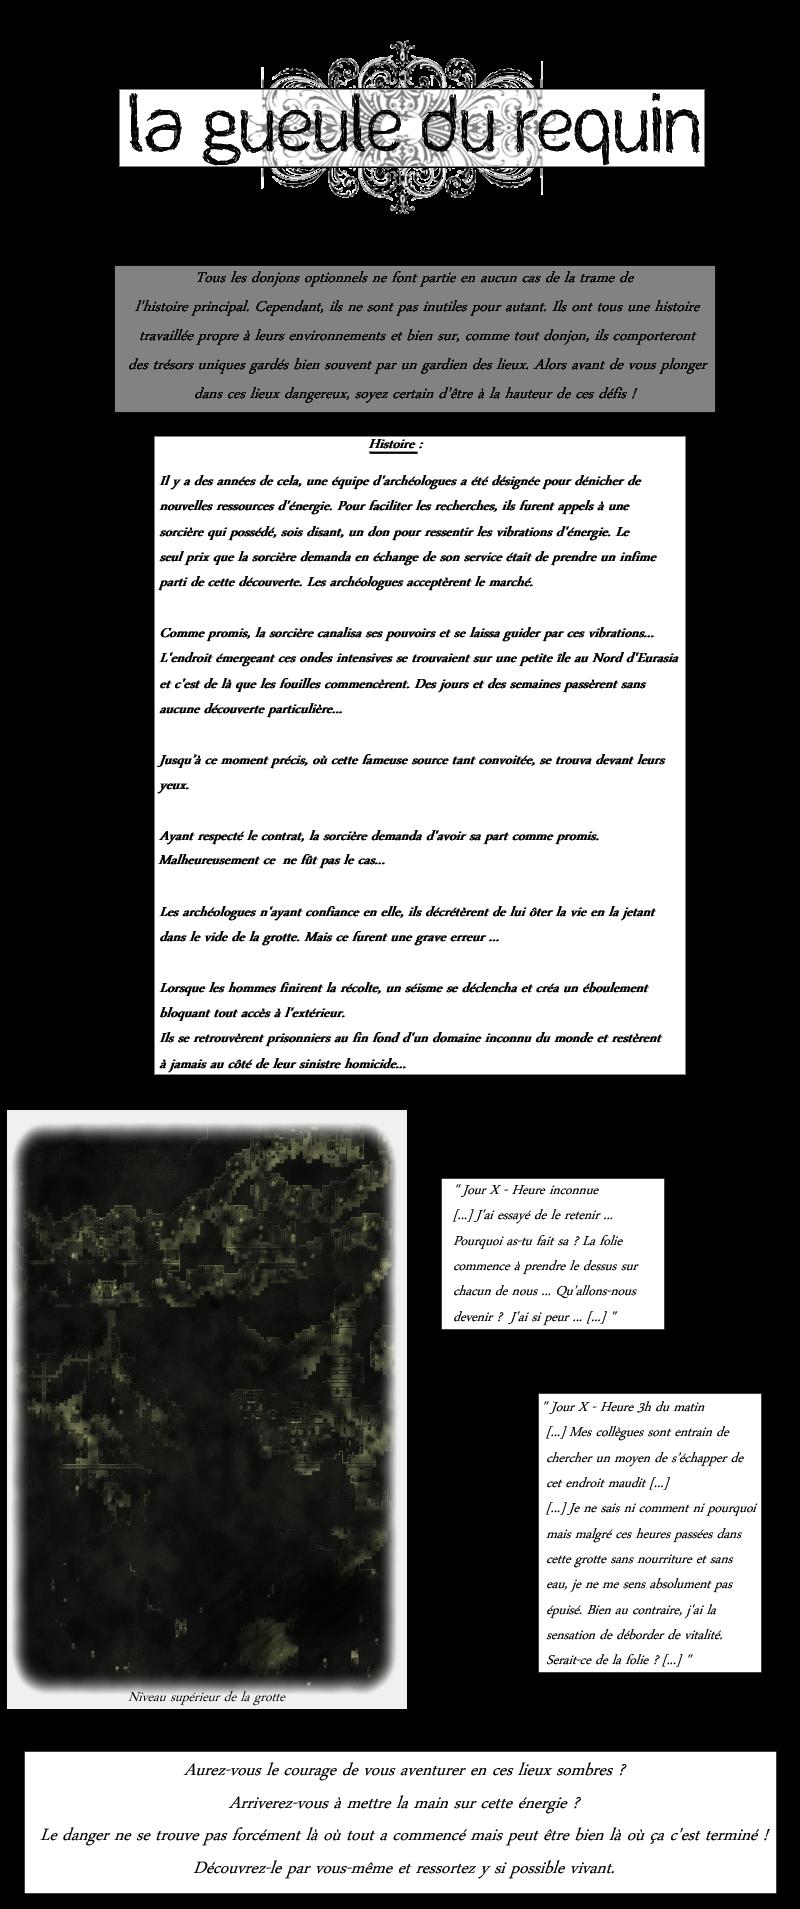 [VX] A Lost Dreamer - Les rêves oubliés Description-4301684